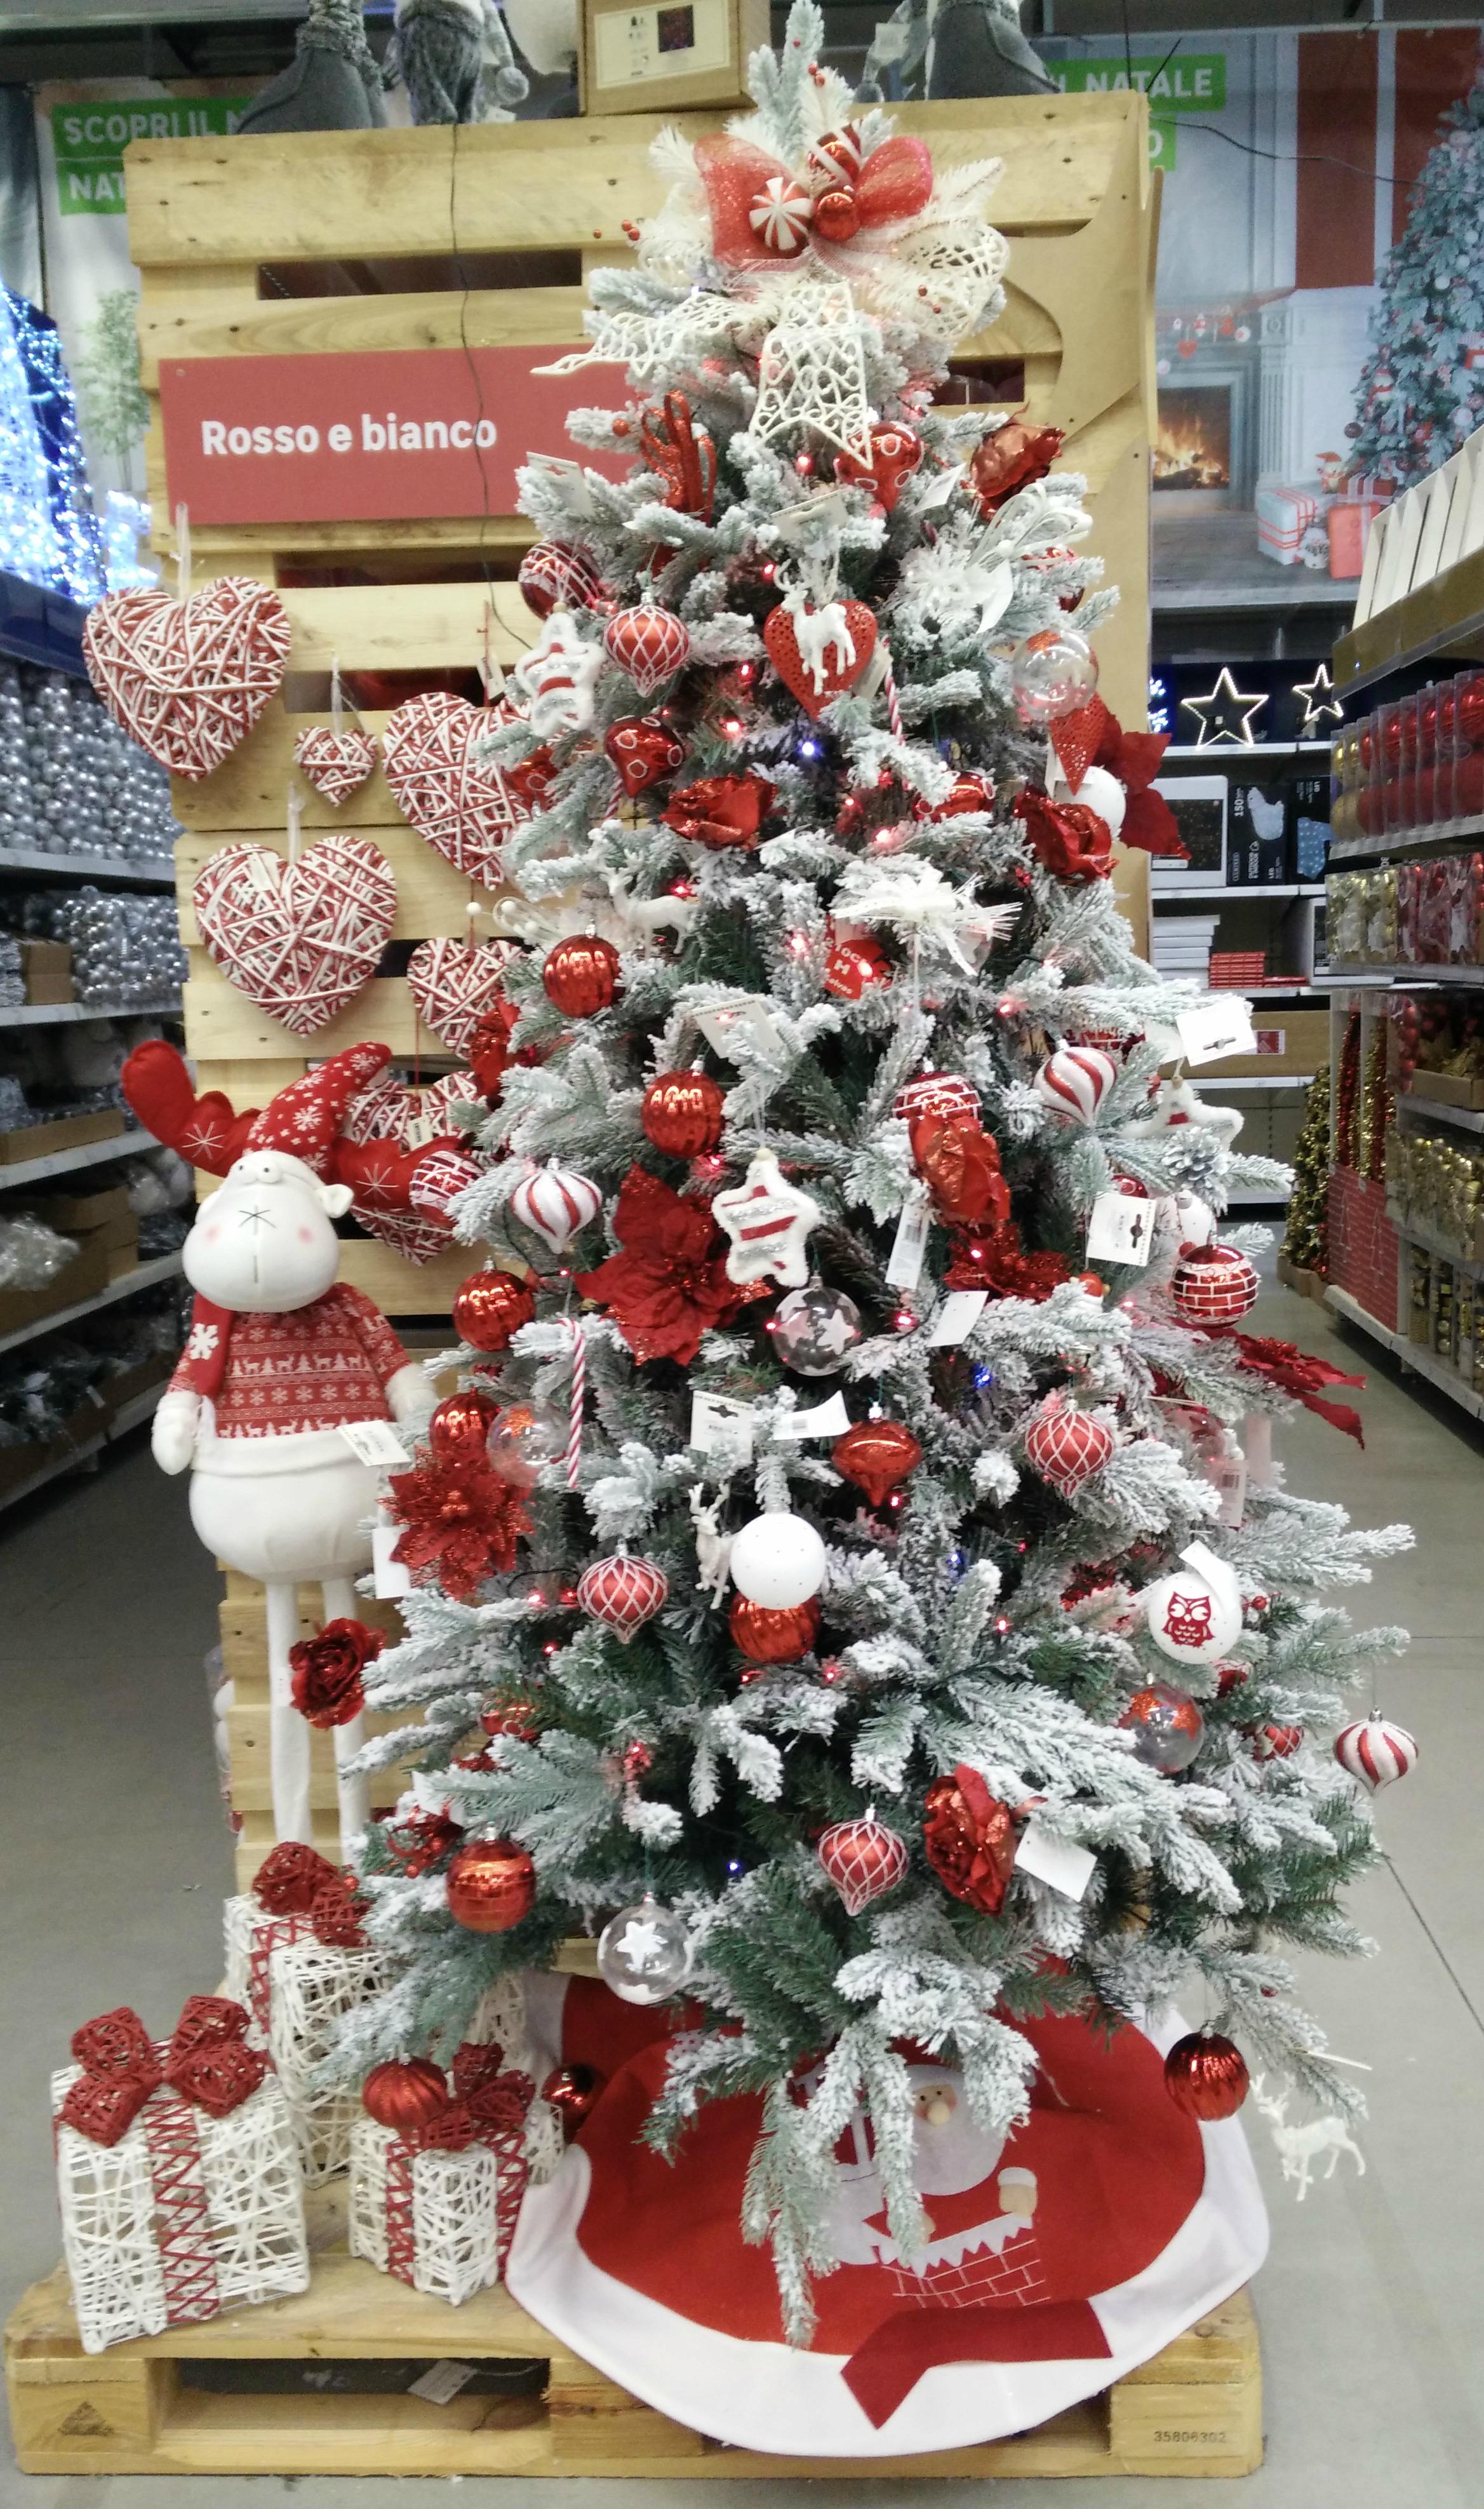 Foto Alberi Di Natale Bianchi albero di natale 2017 rosso e bianco